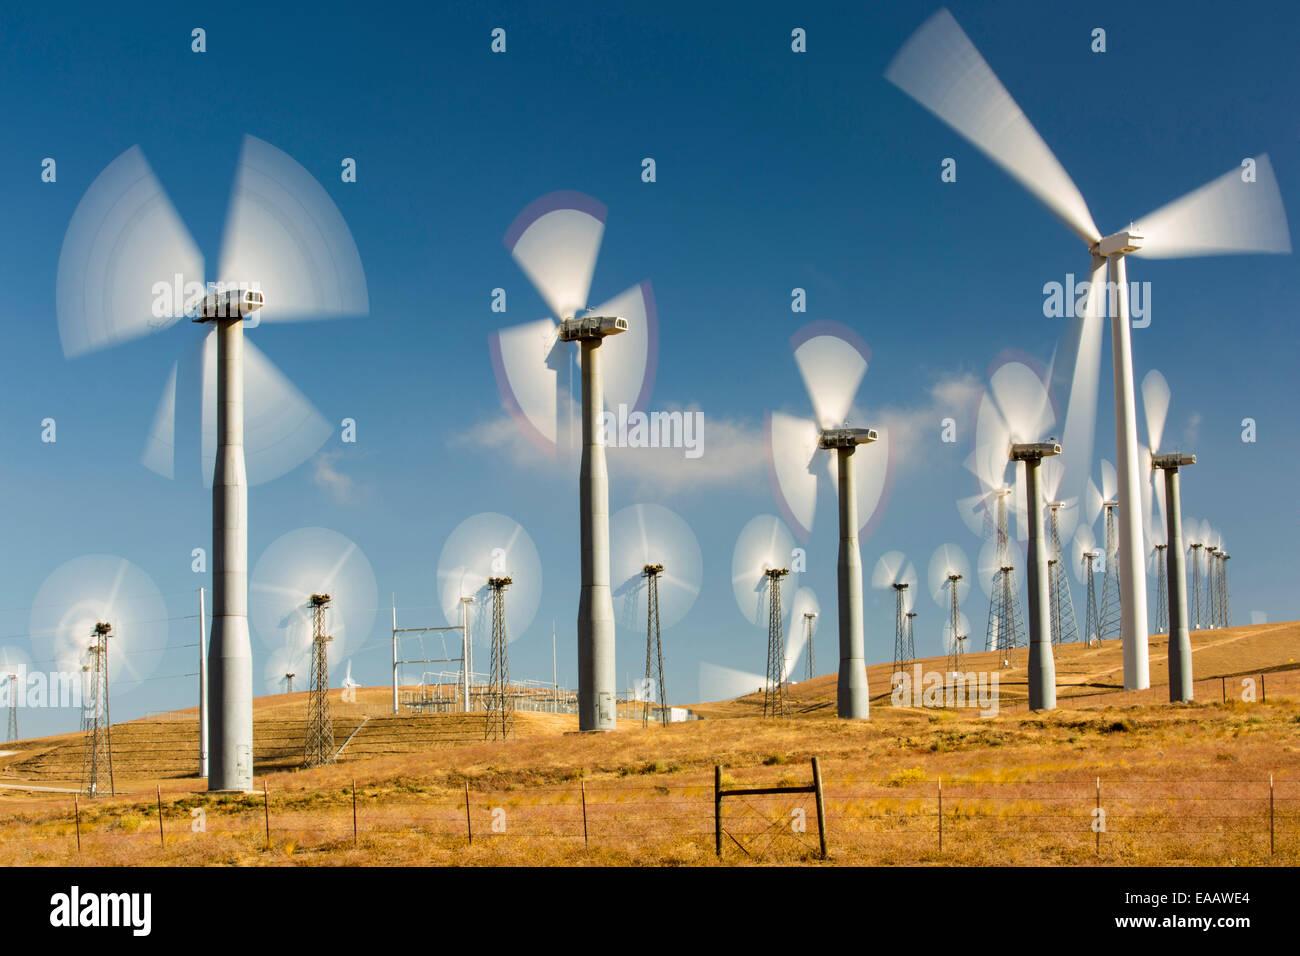 Bestandteil der Tehachapi Pass Wind farm, das erste groß angelegte Wind Farmgebiet entwickelt in den USA, California, Stockbild